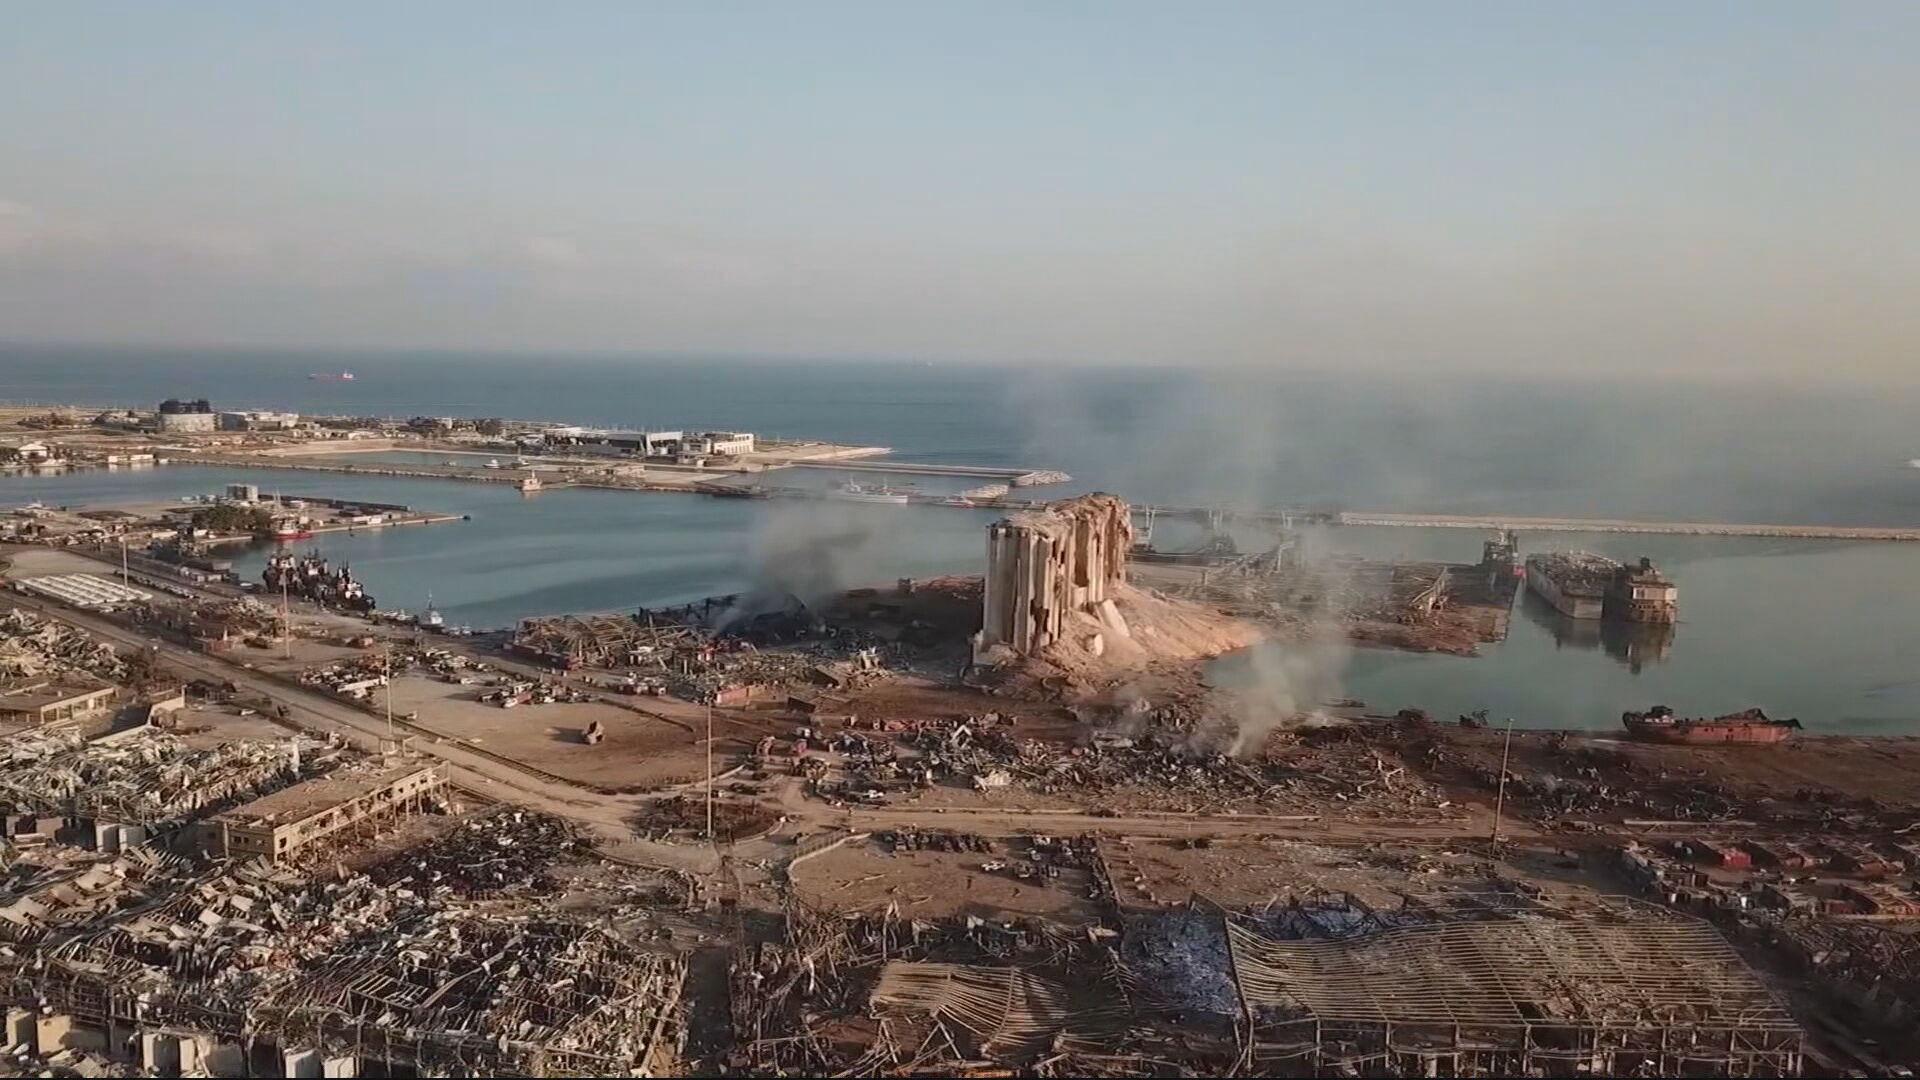 Imagens aéreas mostram destroços após a explosão na área portuária de Beirute